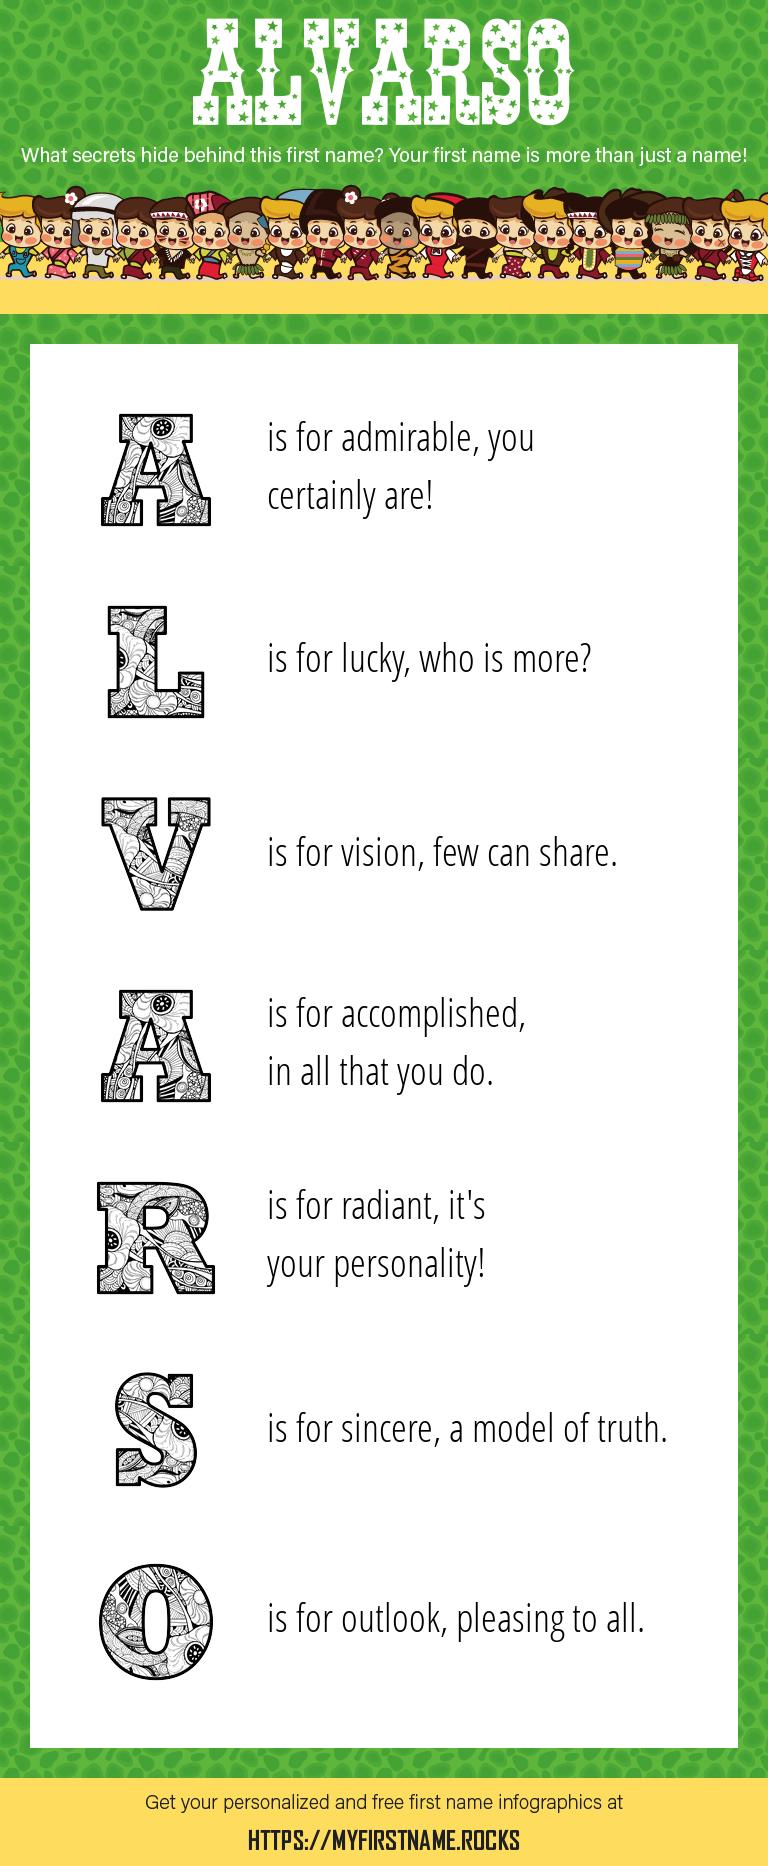 Alvarso Infographics